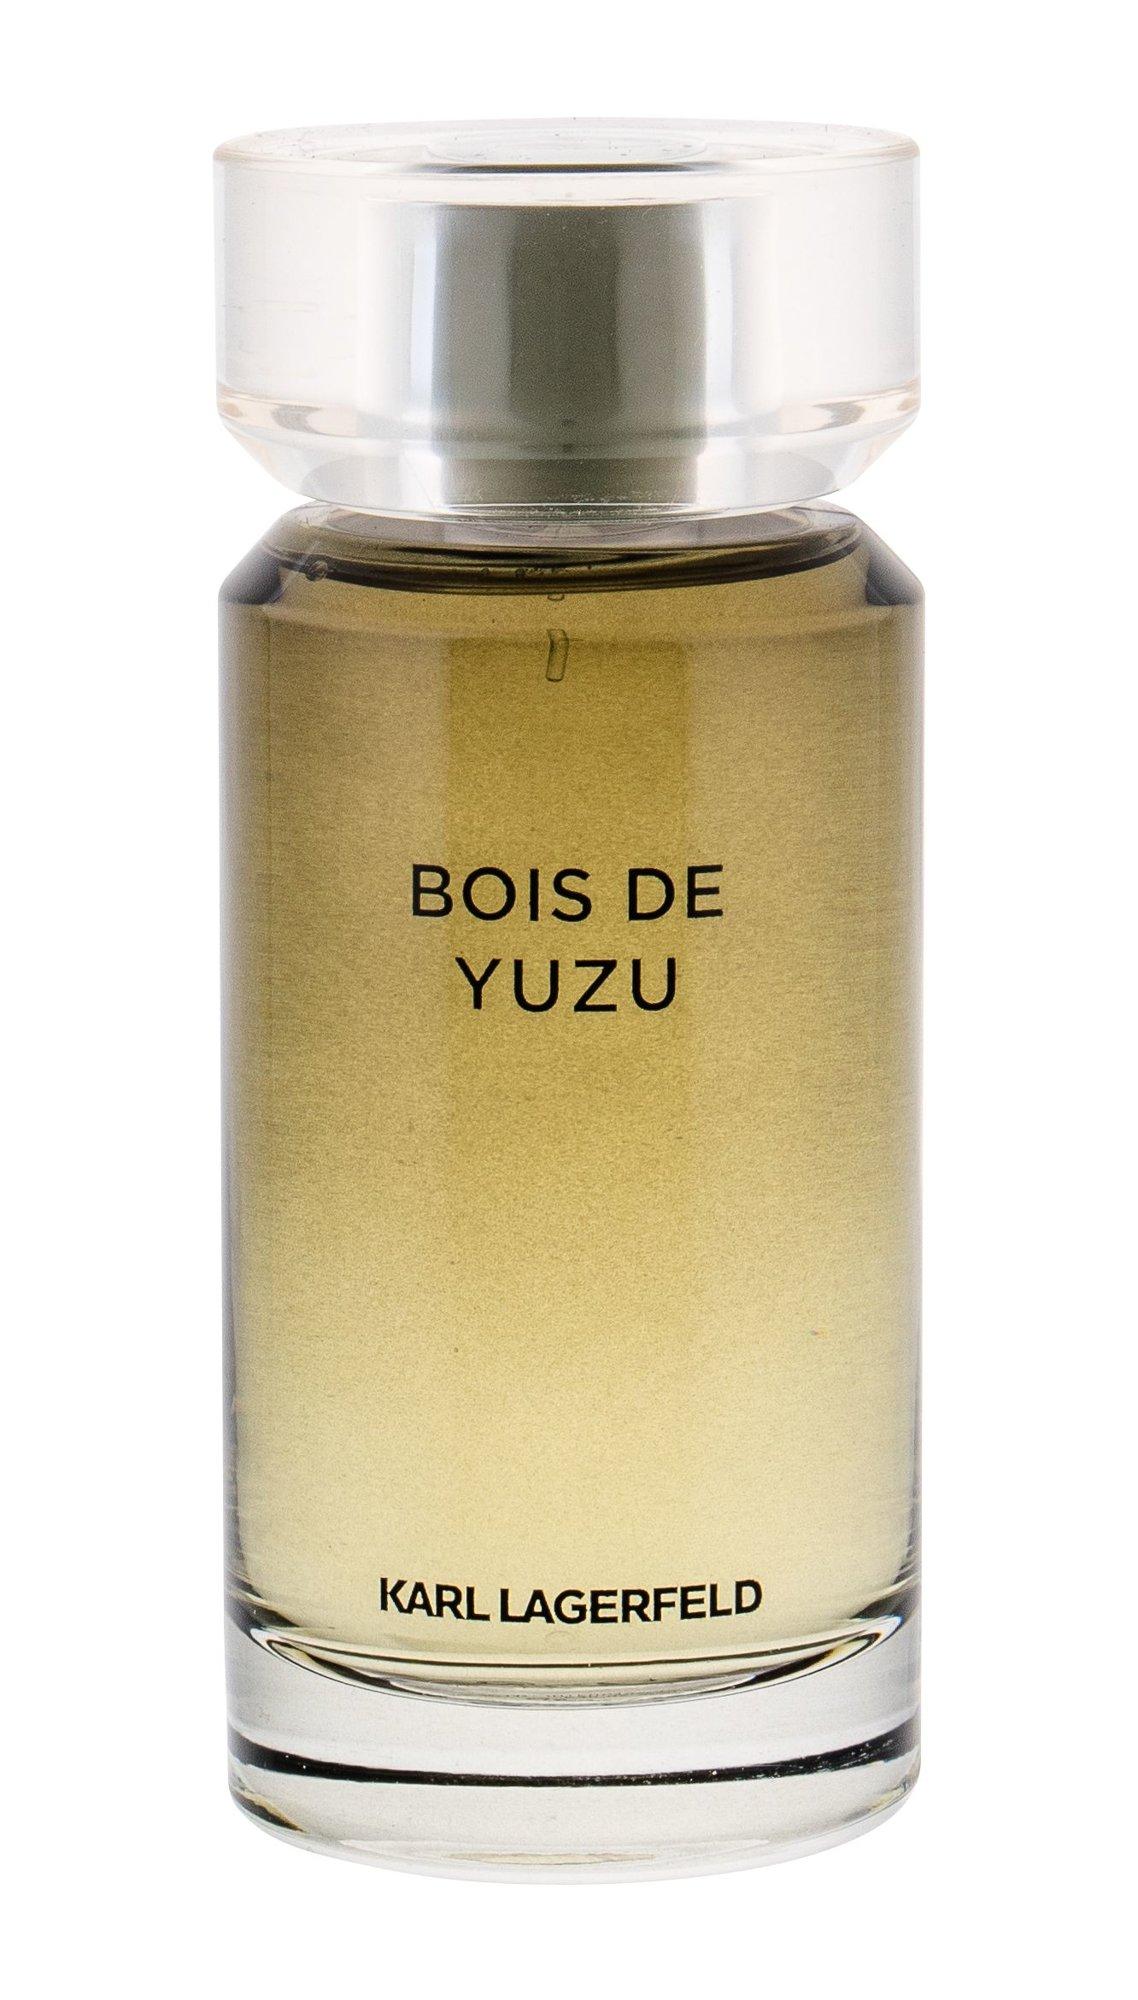 Karl Lagerfeld Les Parfums Matieres Eau de Toilette 100ml